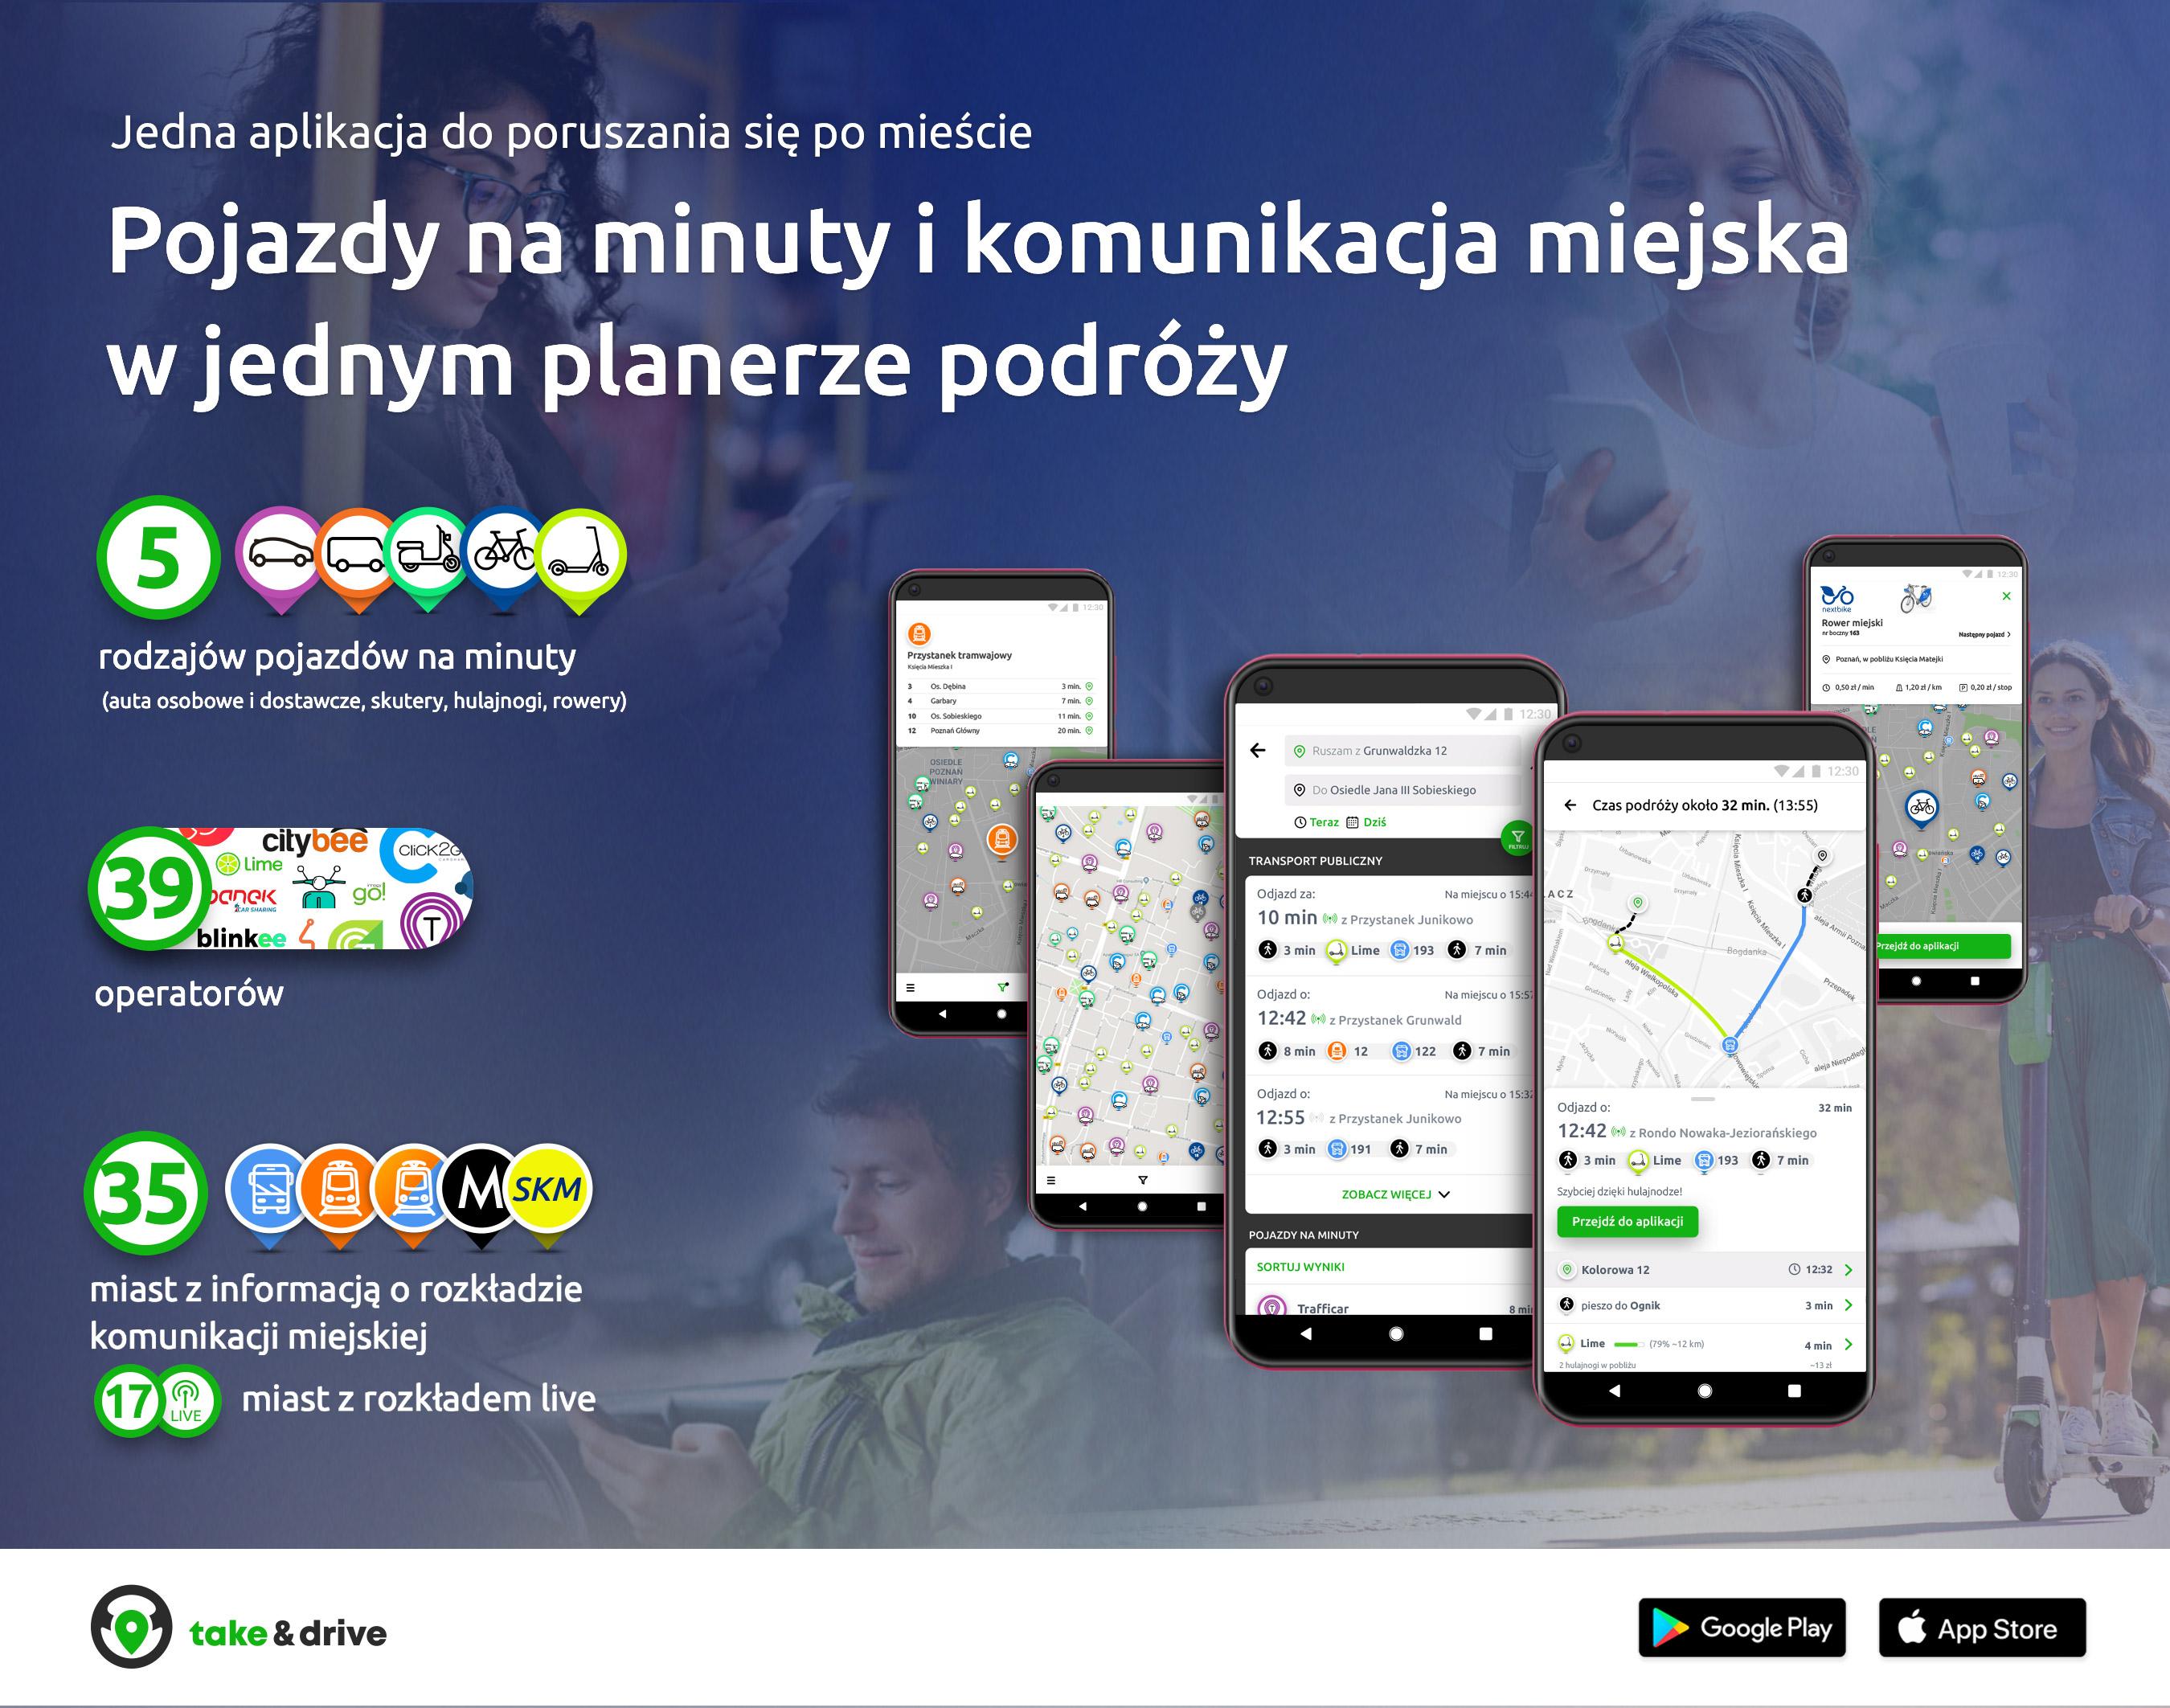 take&drive o aplikacji